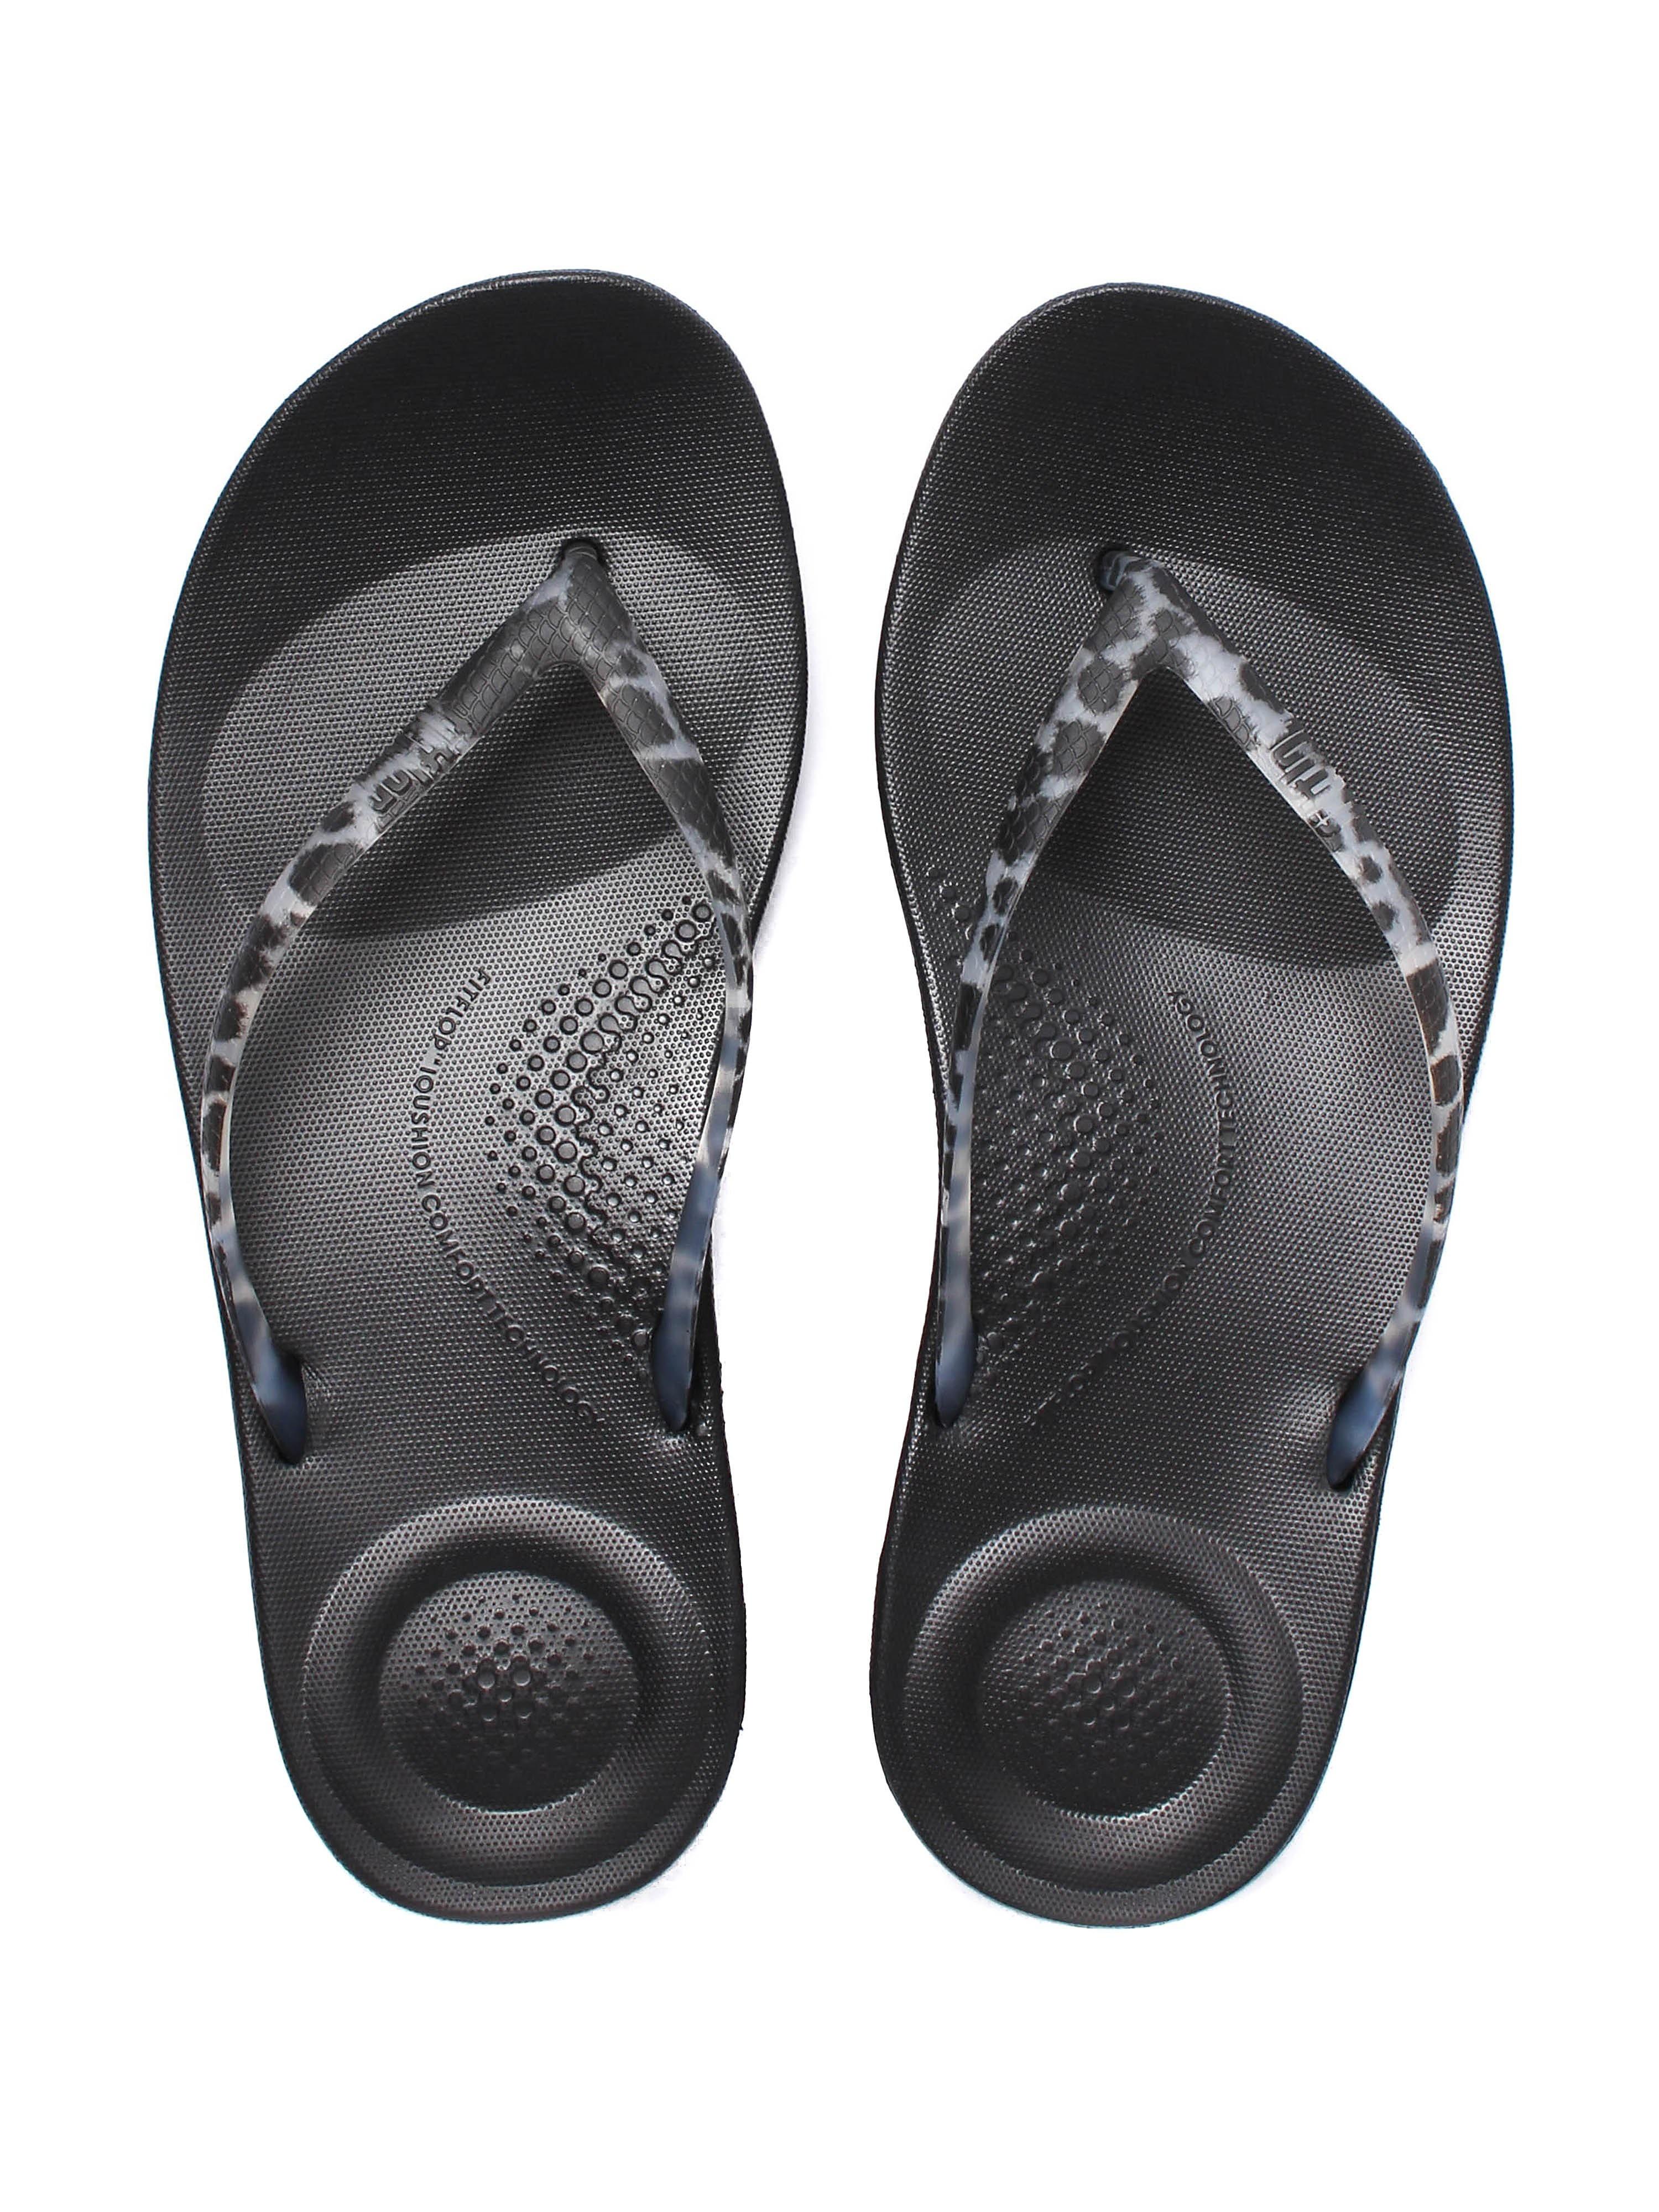 FitFlop Women's iQUSHION Ergonomic Flip Flops - Black Leopard